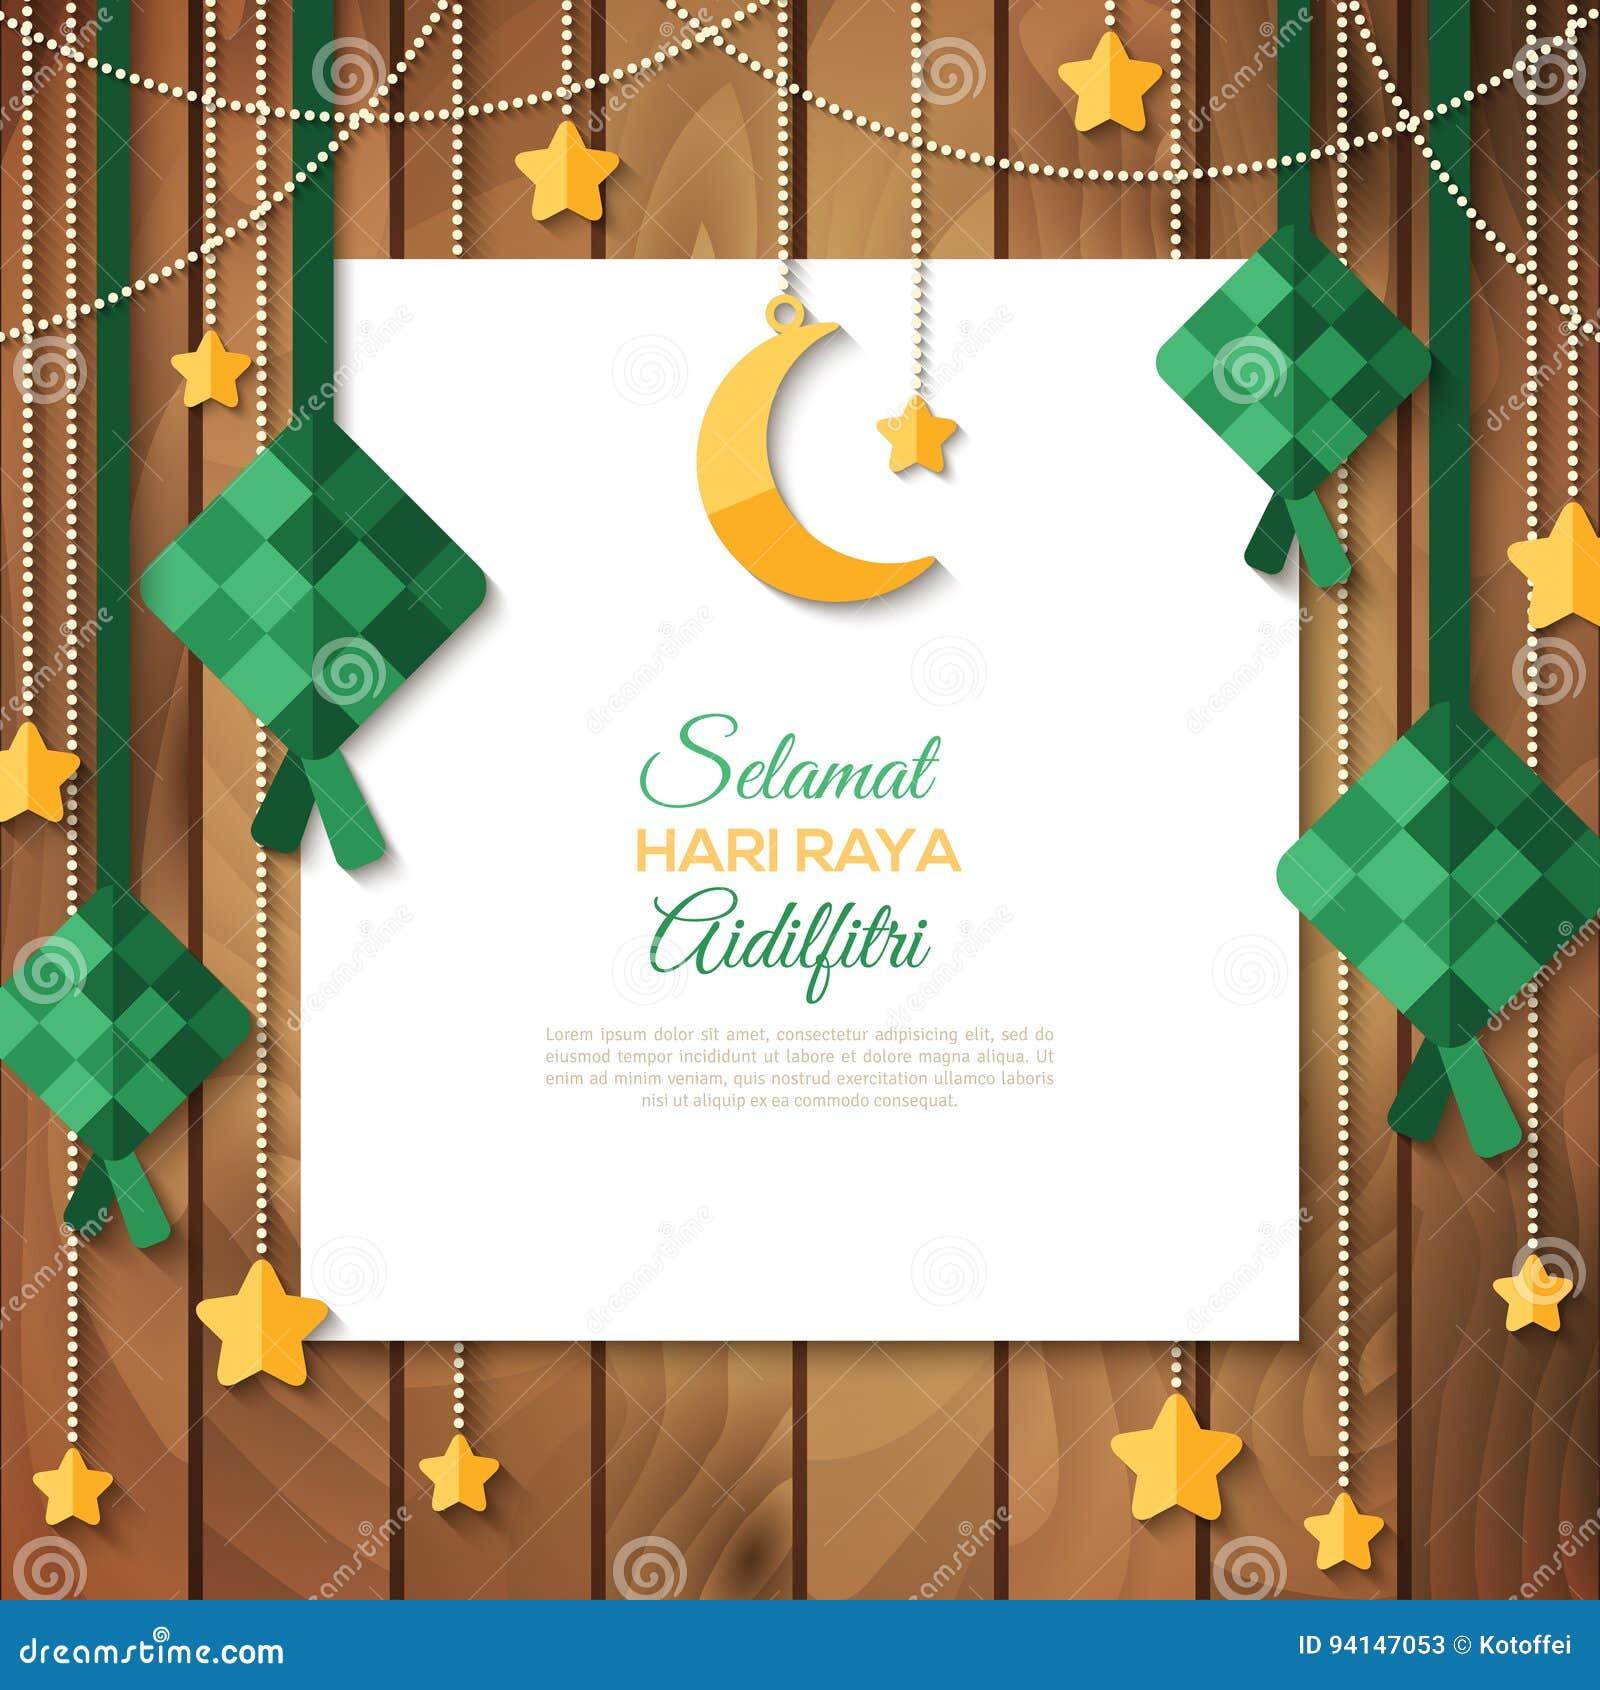 Selamat Hari Raya Greeting Card On Wood Stock Vector